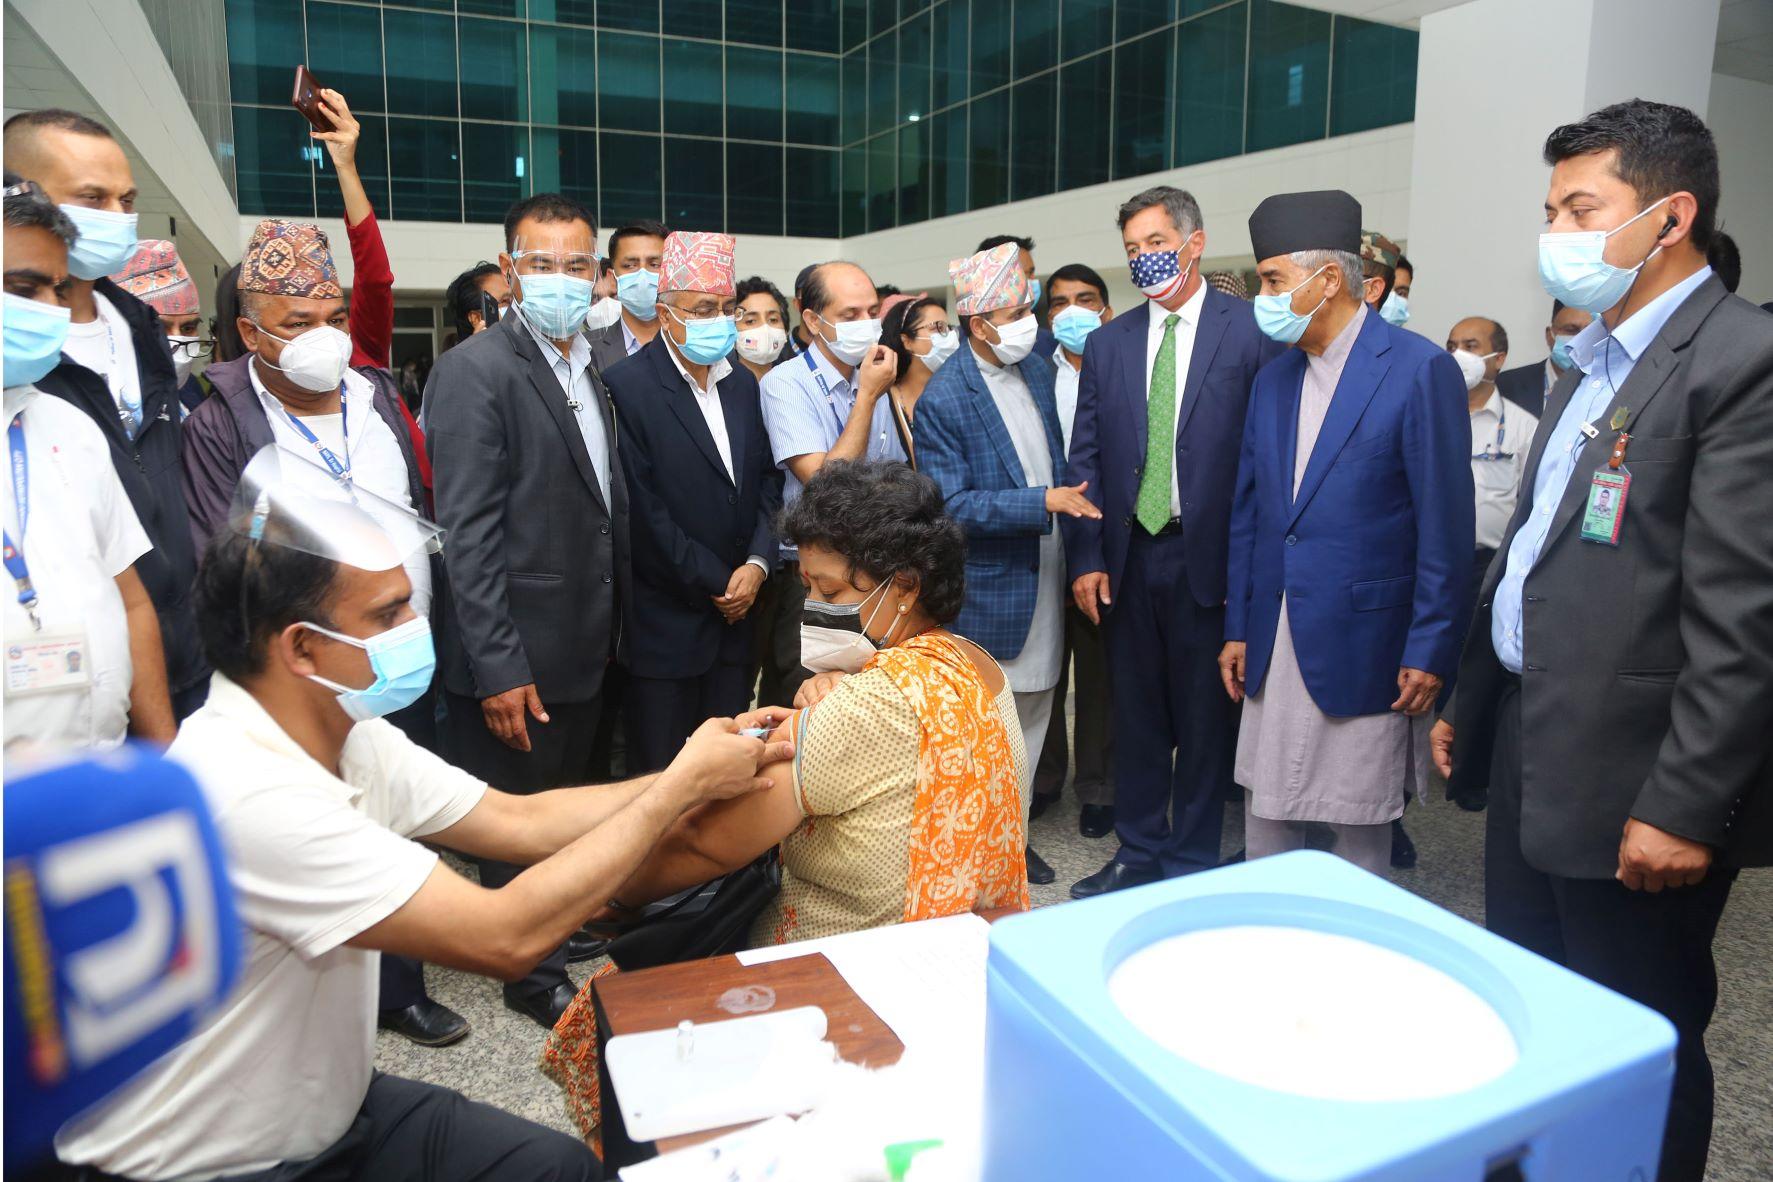 प्रधानमन्त्री शेरबहादुर देउवा बीर अस्पतालस्थित खेप केन्द्रको निरीक्षण गर्दै । आजै देखि नेपालमा अमेरिकाले उपलव्ध गराएको खोप जोन्सन एण्ड जोन्सन लगाउन थालिएको छ । रासस